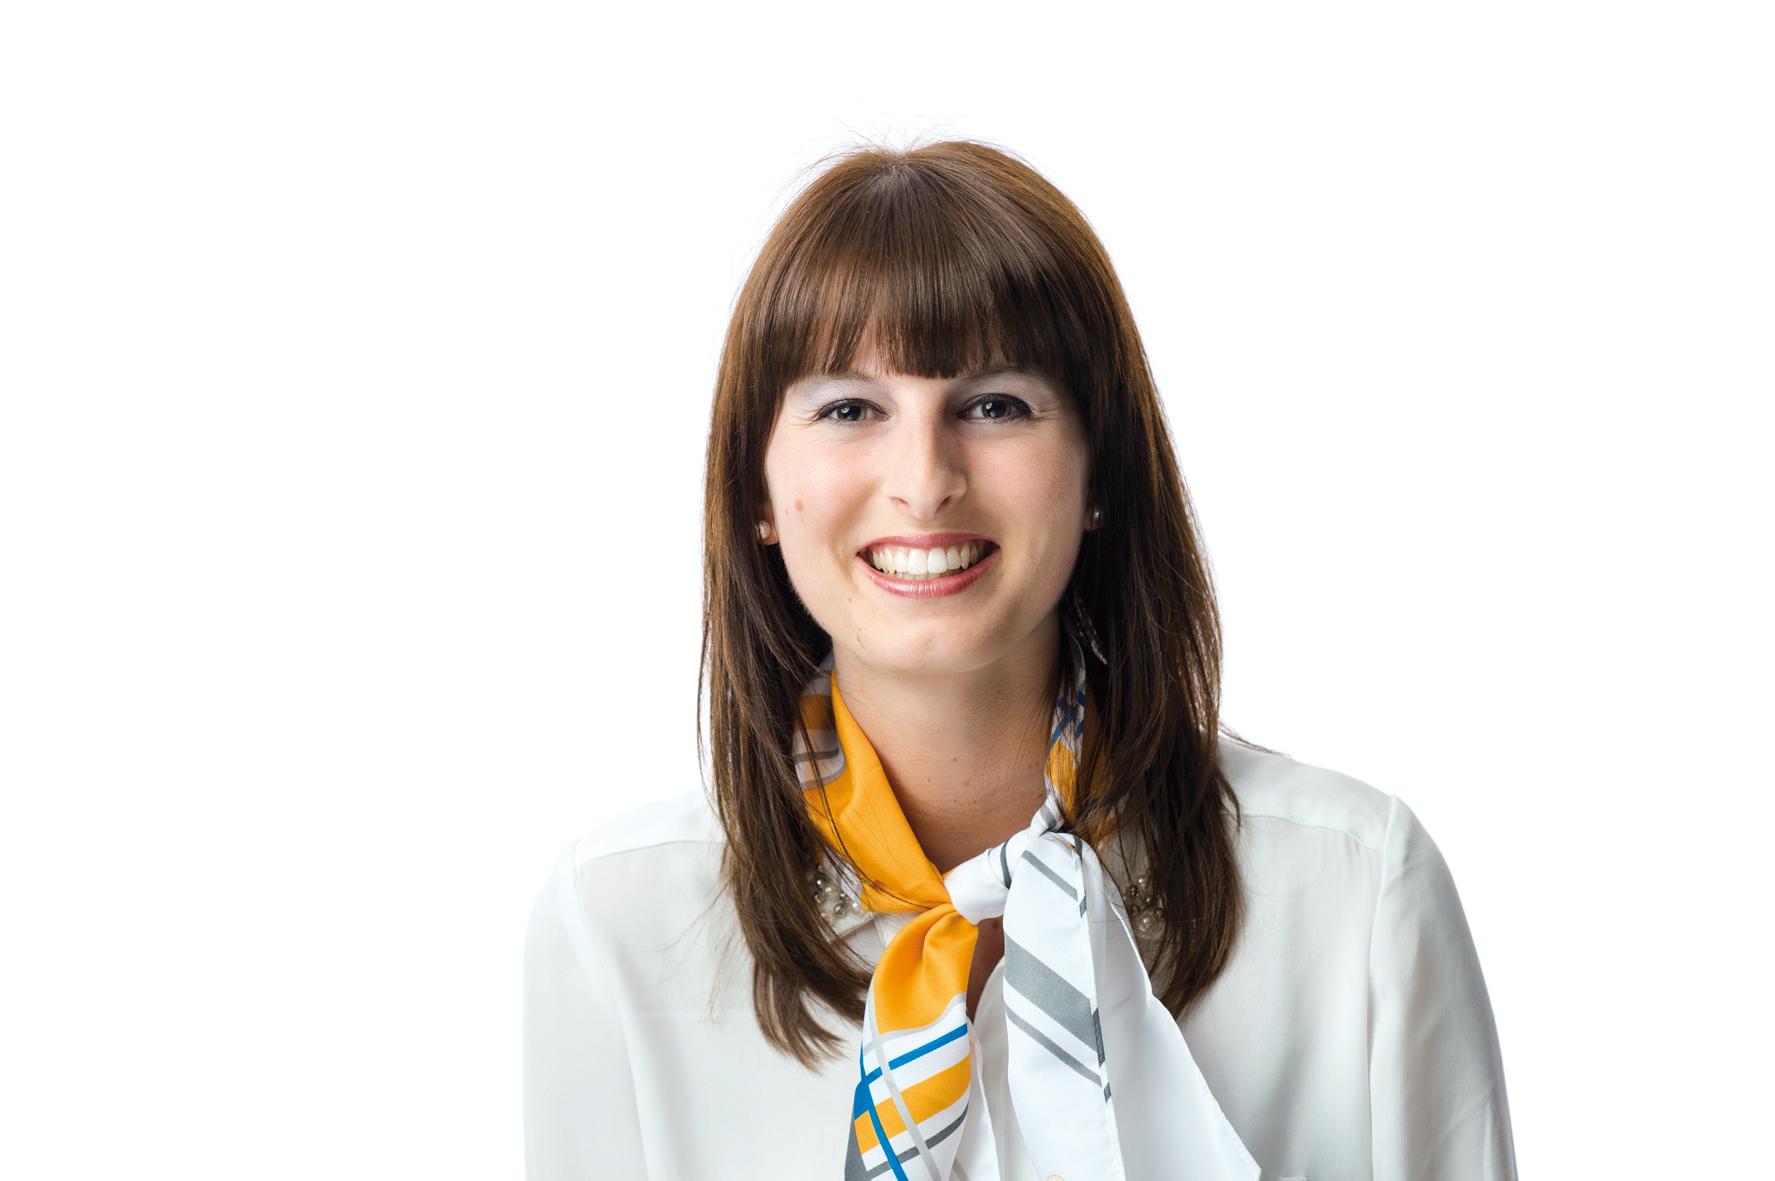 Vanessa Heinrich